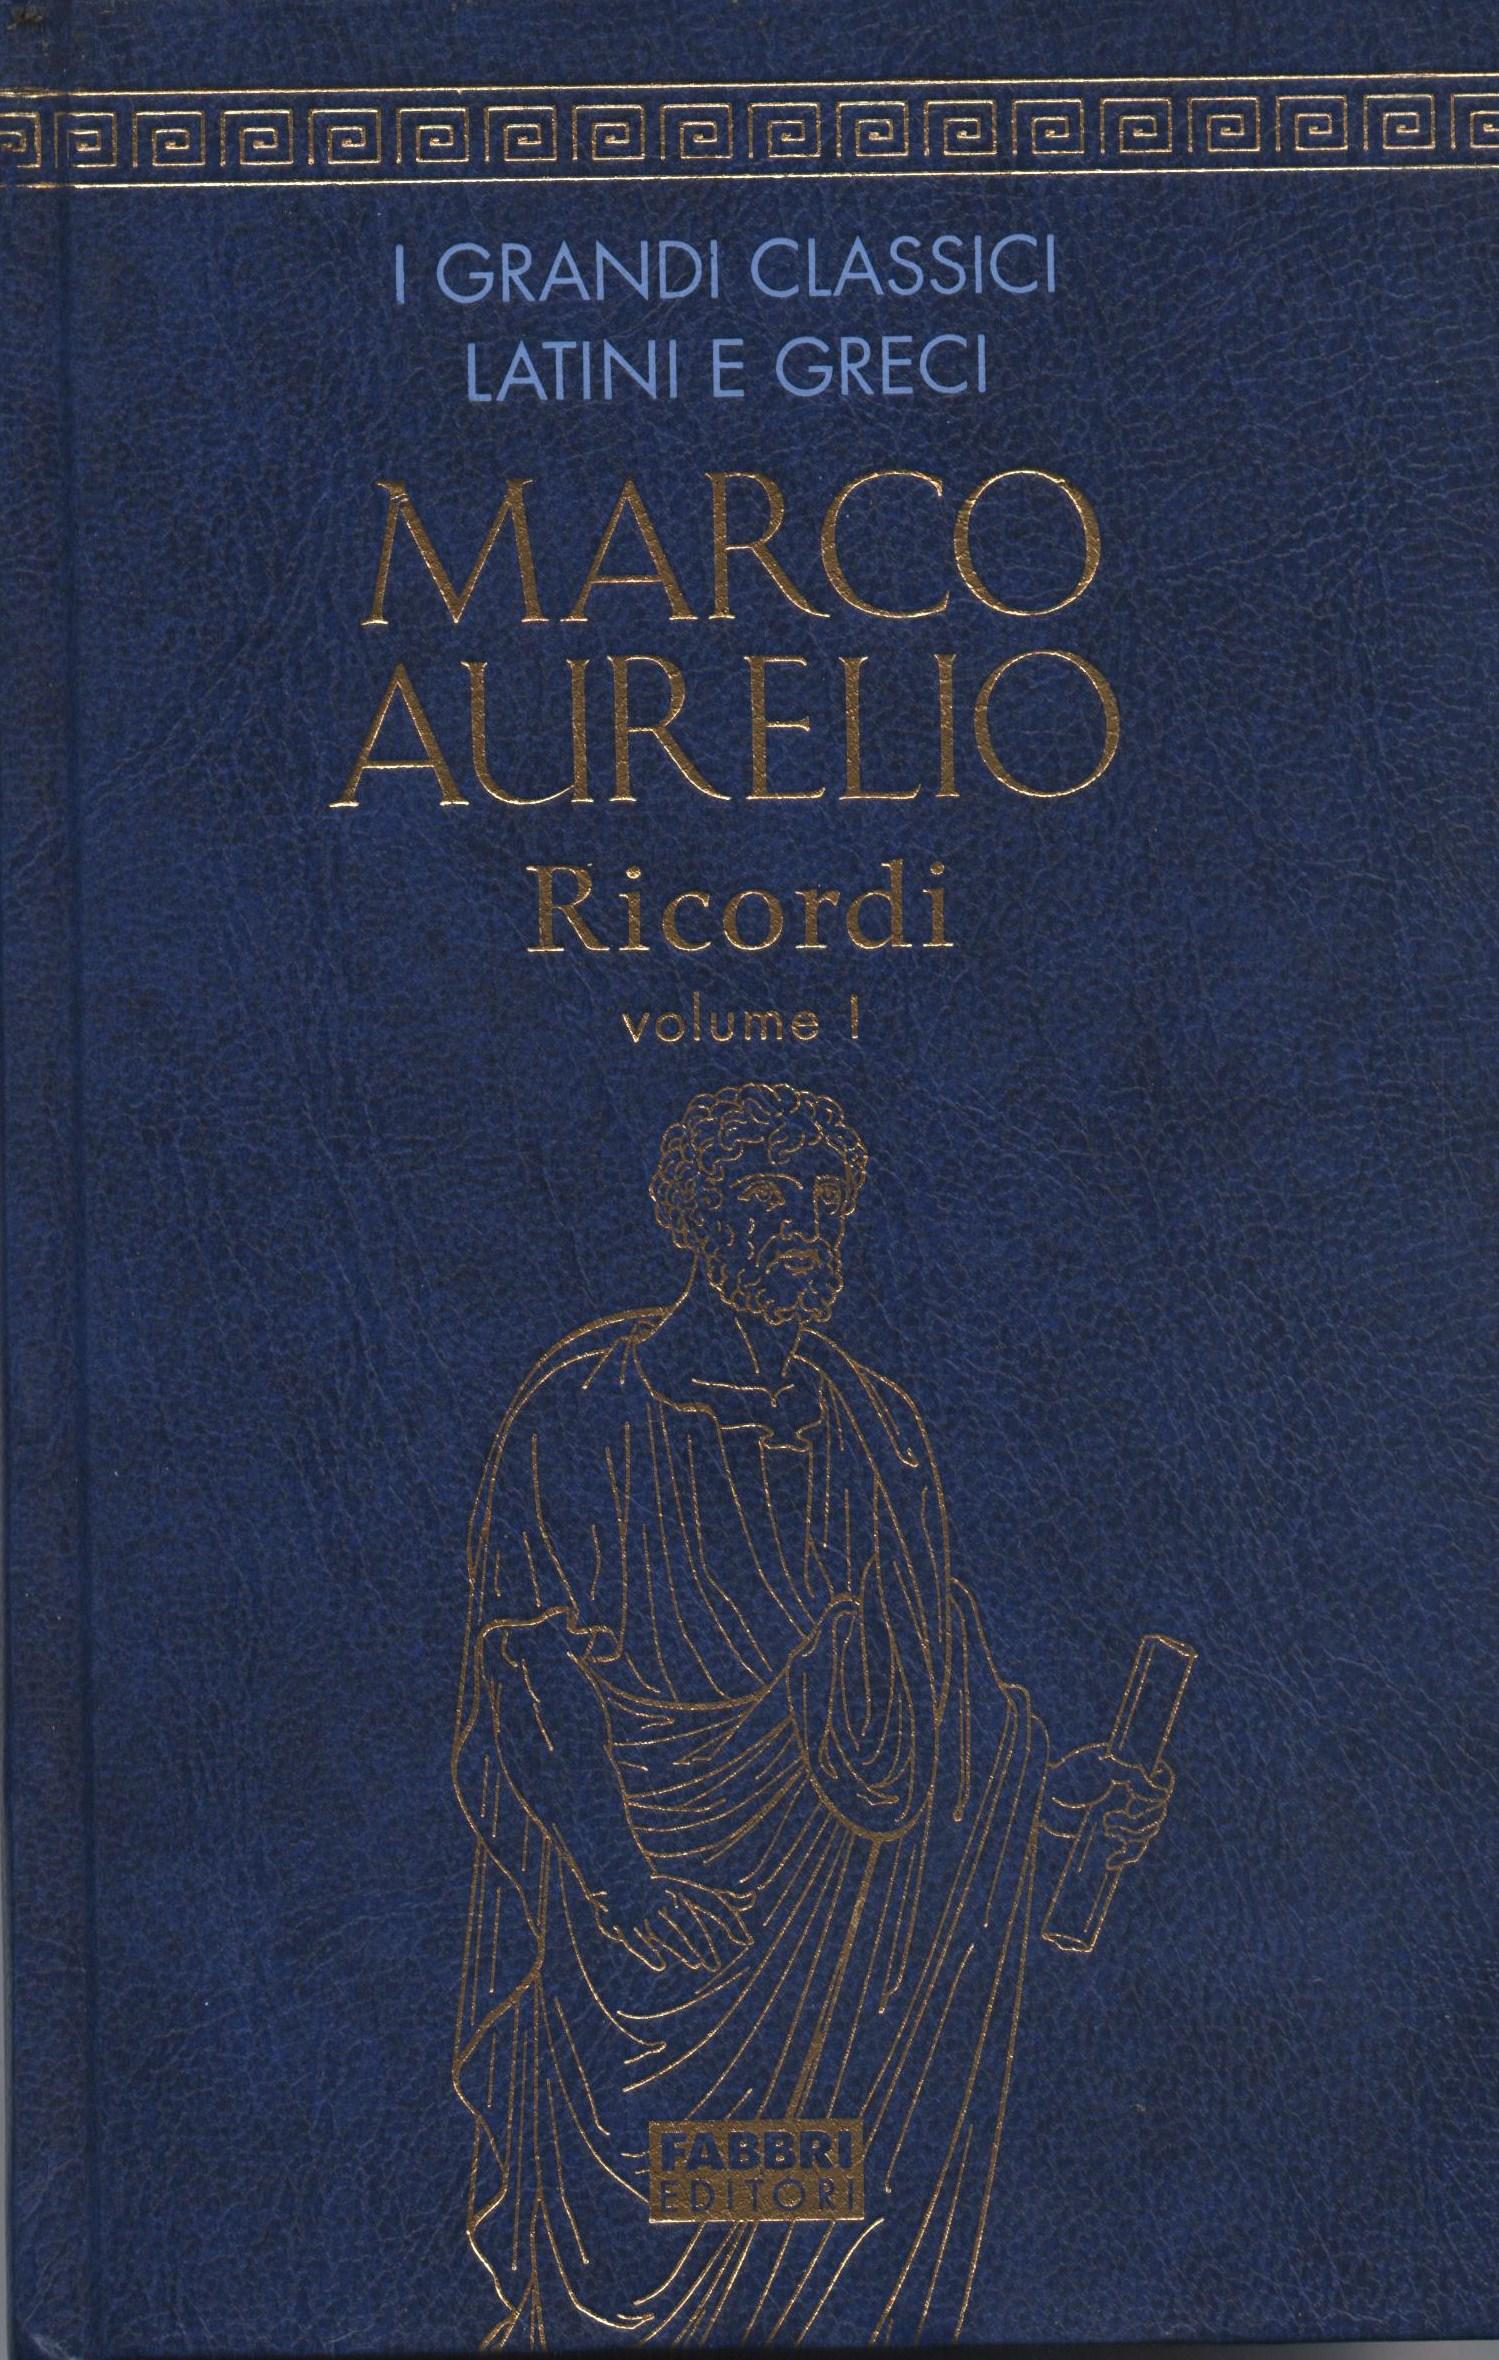 Ricordi I Marco Aurelio 1 Recensioni Fabbri